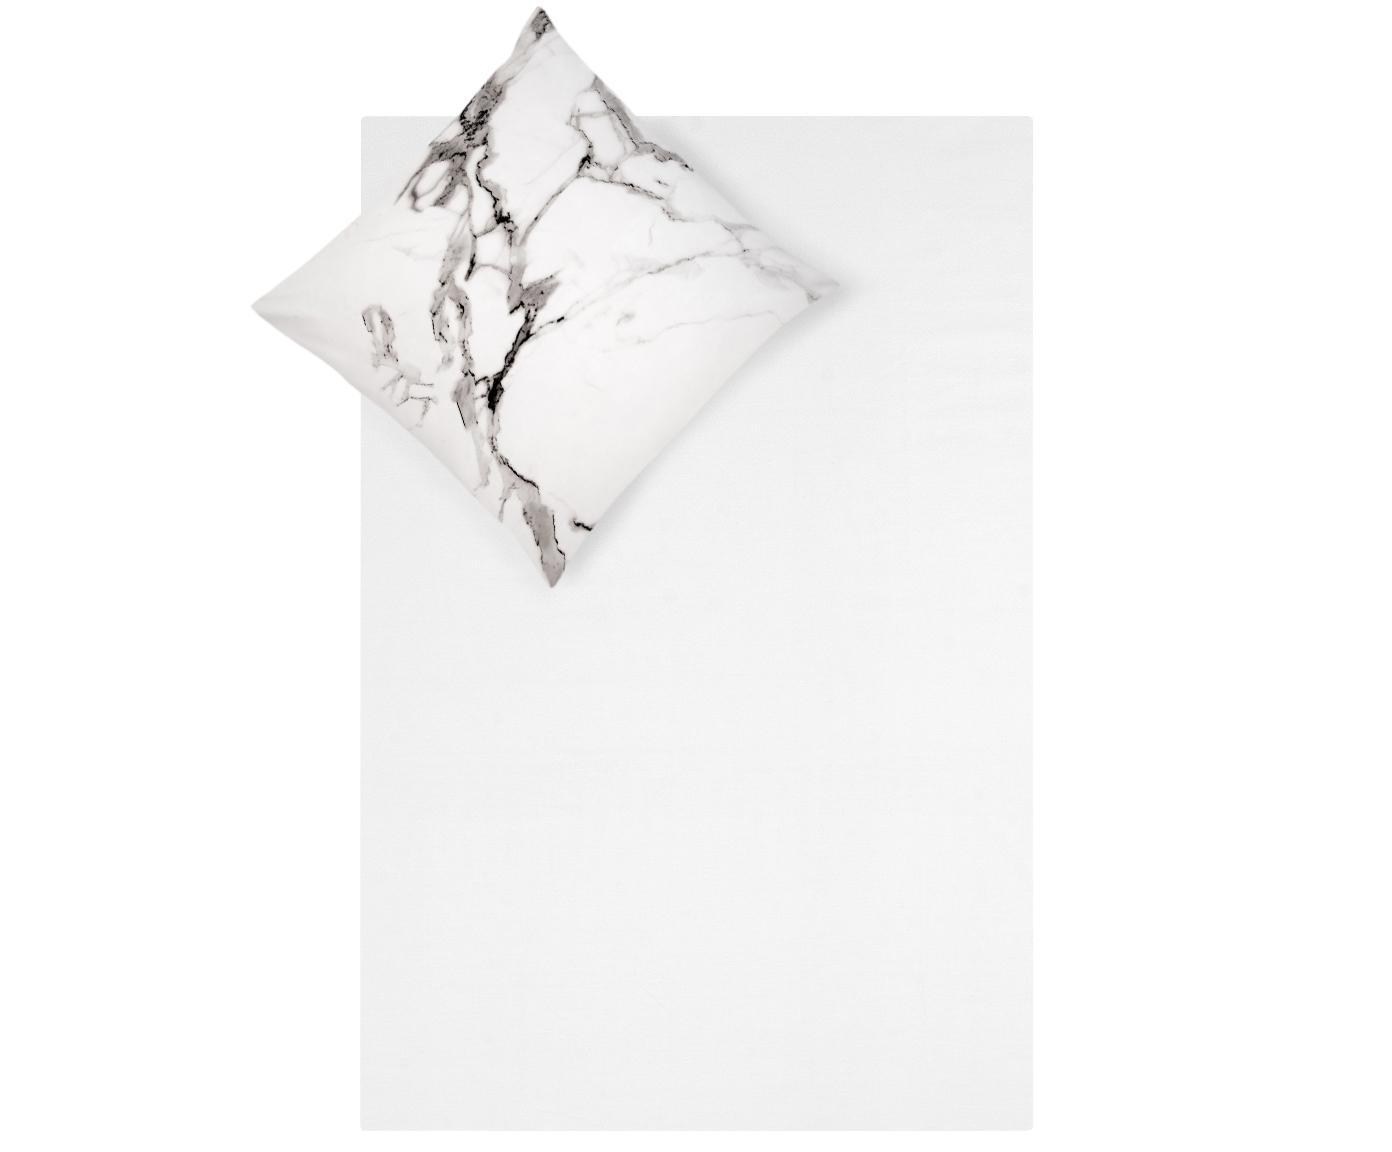 Baumwollperkal-Bettwäsche Malin mit Marmor-Muster, Webart: Perkal Fadendichte 200 TC, Vorderseite: Marmormuster, GrauRückseite: Hellgrau, Uni, 135 x 200 cm + 1 Kissen 80 x 80 cm